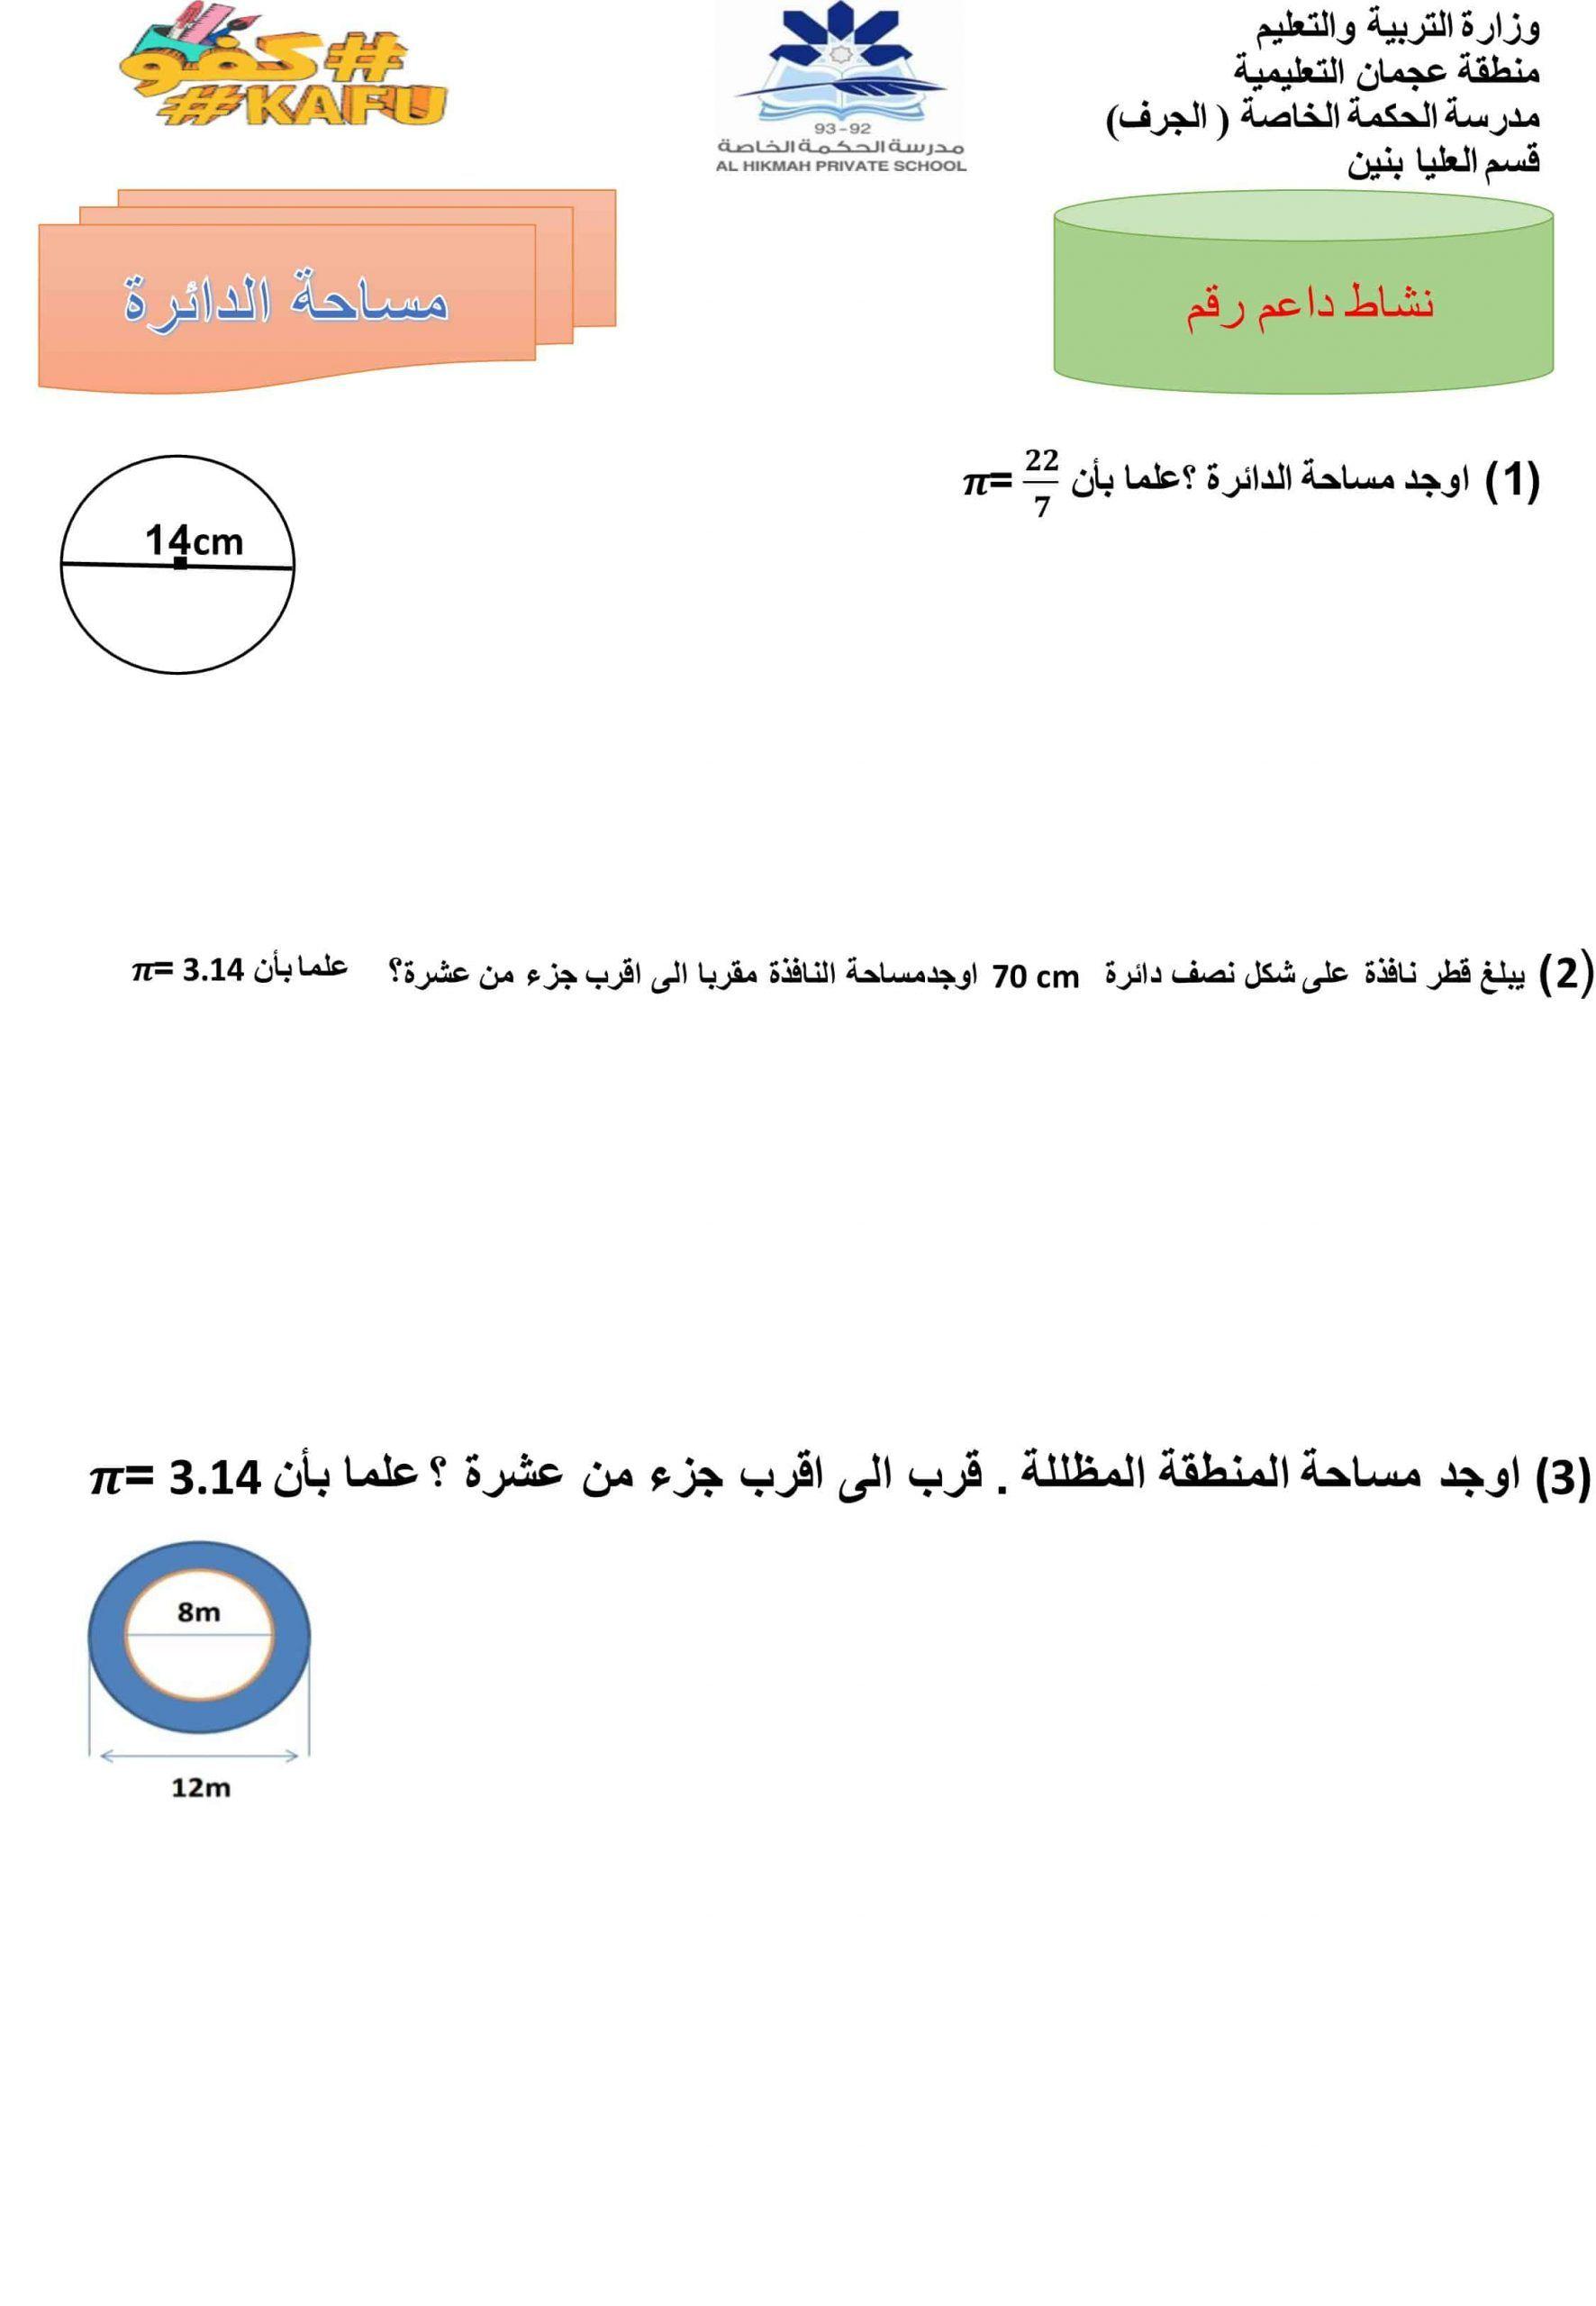 ورقة عمل درس مساحة الدائرة الصف السابع مادة الرياضيات المتكاملة In 2021 Whl Pie Chart Chart